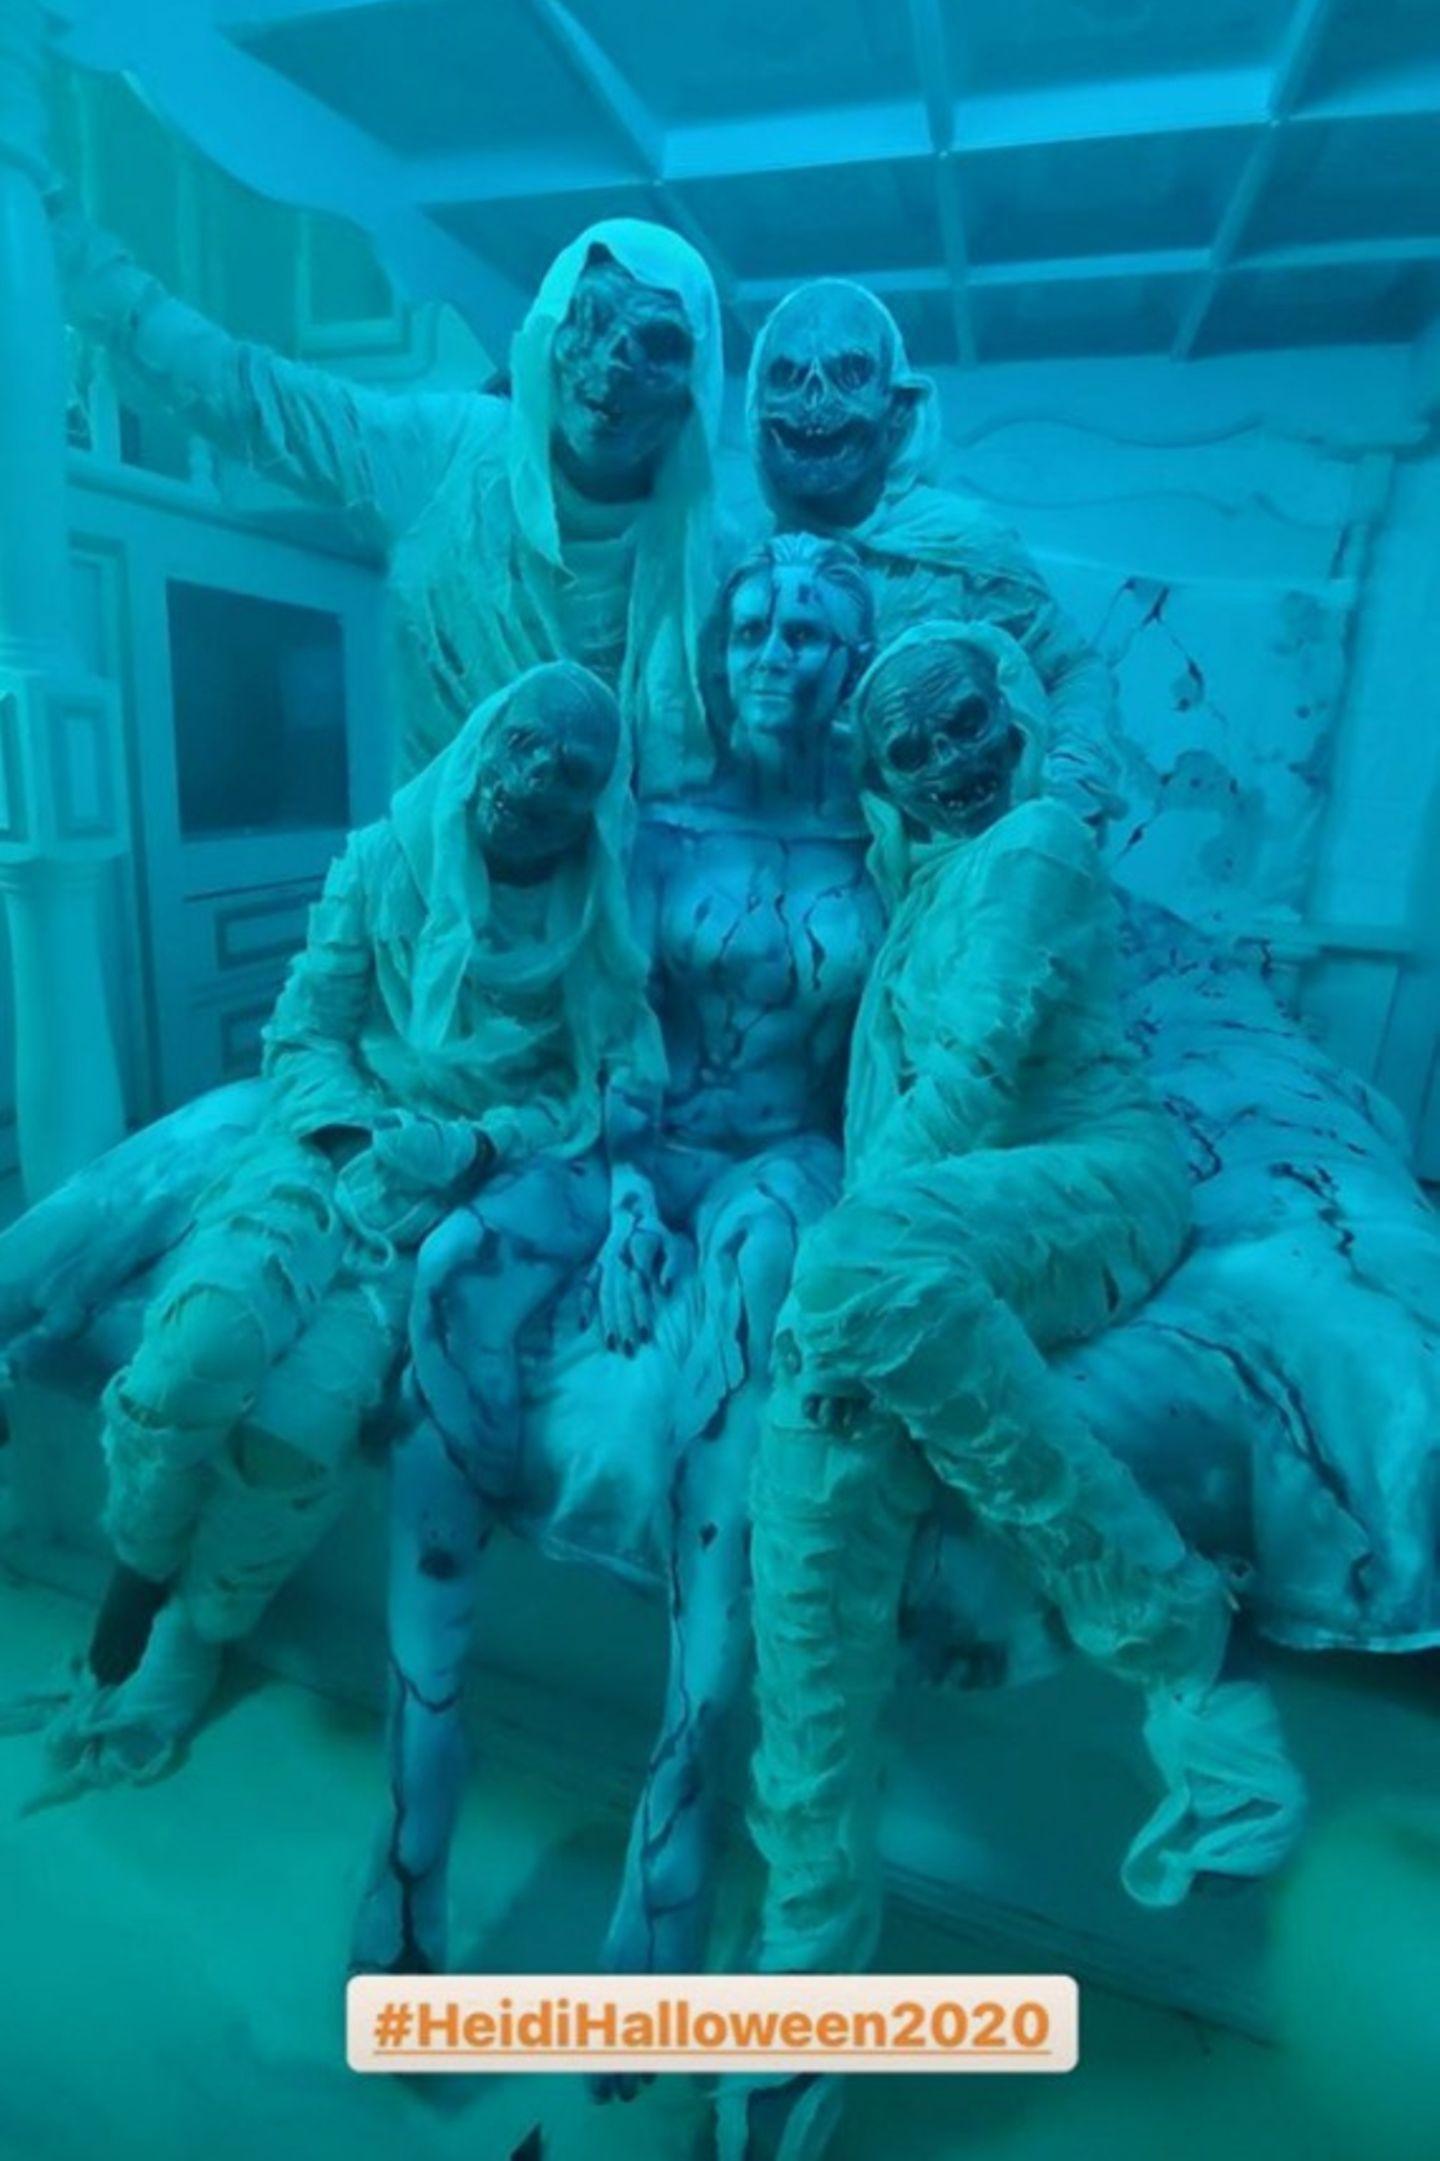 2020: Heidi Klum lässt sich trotz Corona-Pandemie die Freude auf Halloween nicht nehmen. Ihr Plan: Ein gruseliges Instagram-Video für ihre Fans. Dabei verkleiden sich nicht nur ihr Mann Tom Kaulitz und sie, sondern auch HeidisKinder sind zum ersten Mal Teil von Heidis Halloween-Horror-Show. Das Ergebnis kann sich sehen lassen: Leni, Henry, Lou und Johan sind in dem Video als in Toilettenpapier gewickelte Zombies zu sehen, die ihre Mama Heidi durchs Haus jagen. Um sich vor ihren eigenen Kindern zu verstecken ...